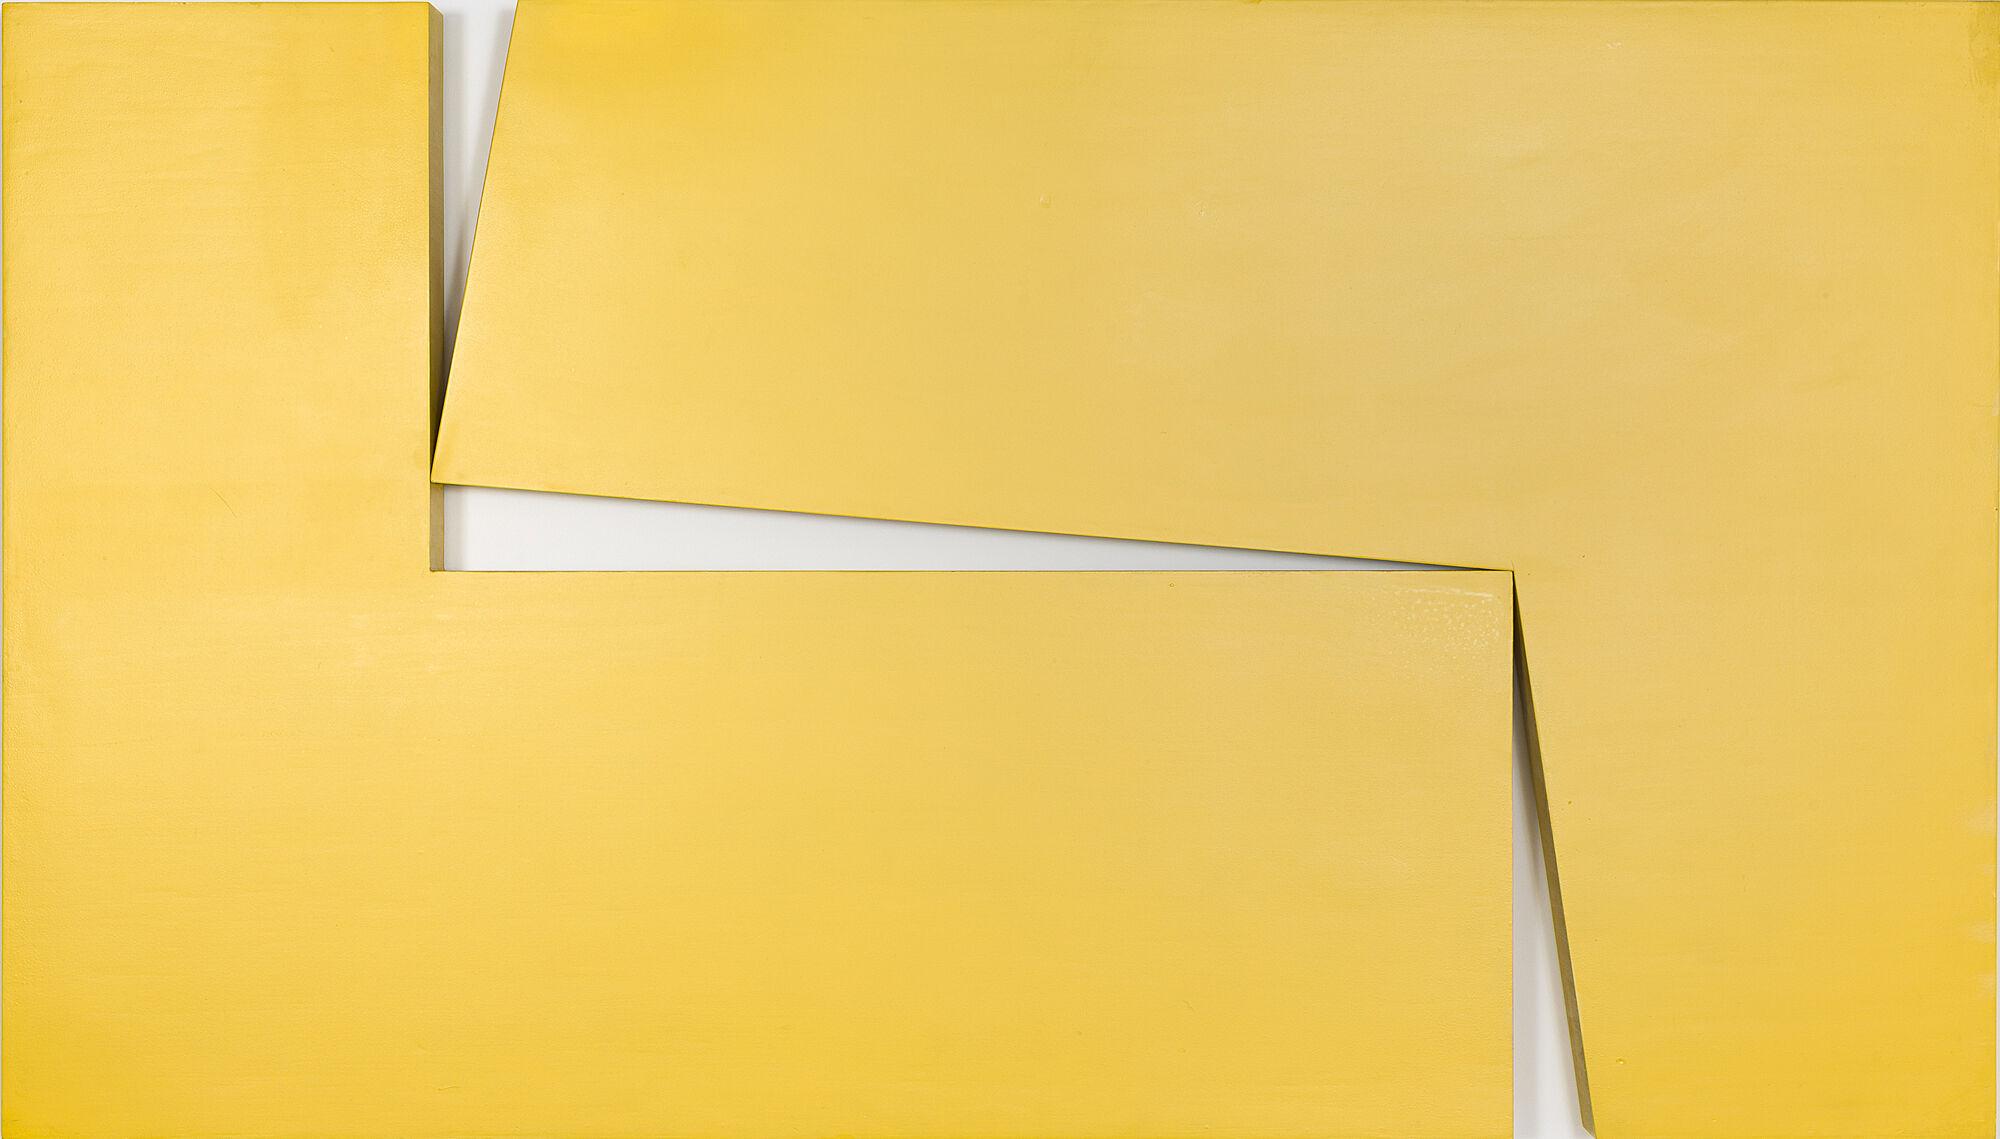 A geometric, yellow artwork by Carmen Herrera.